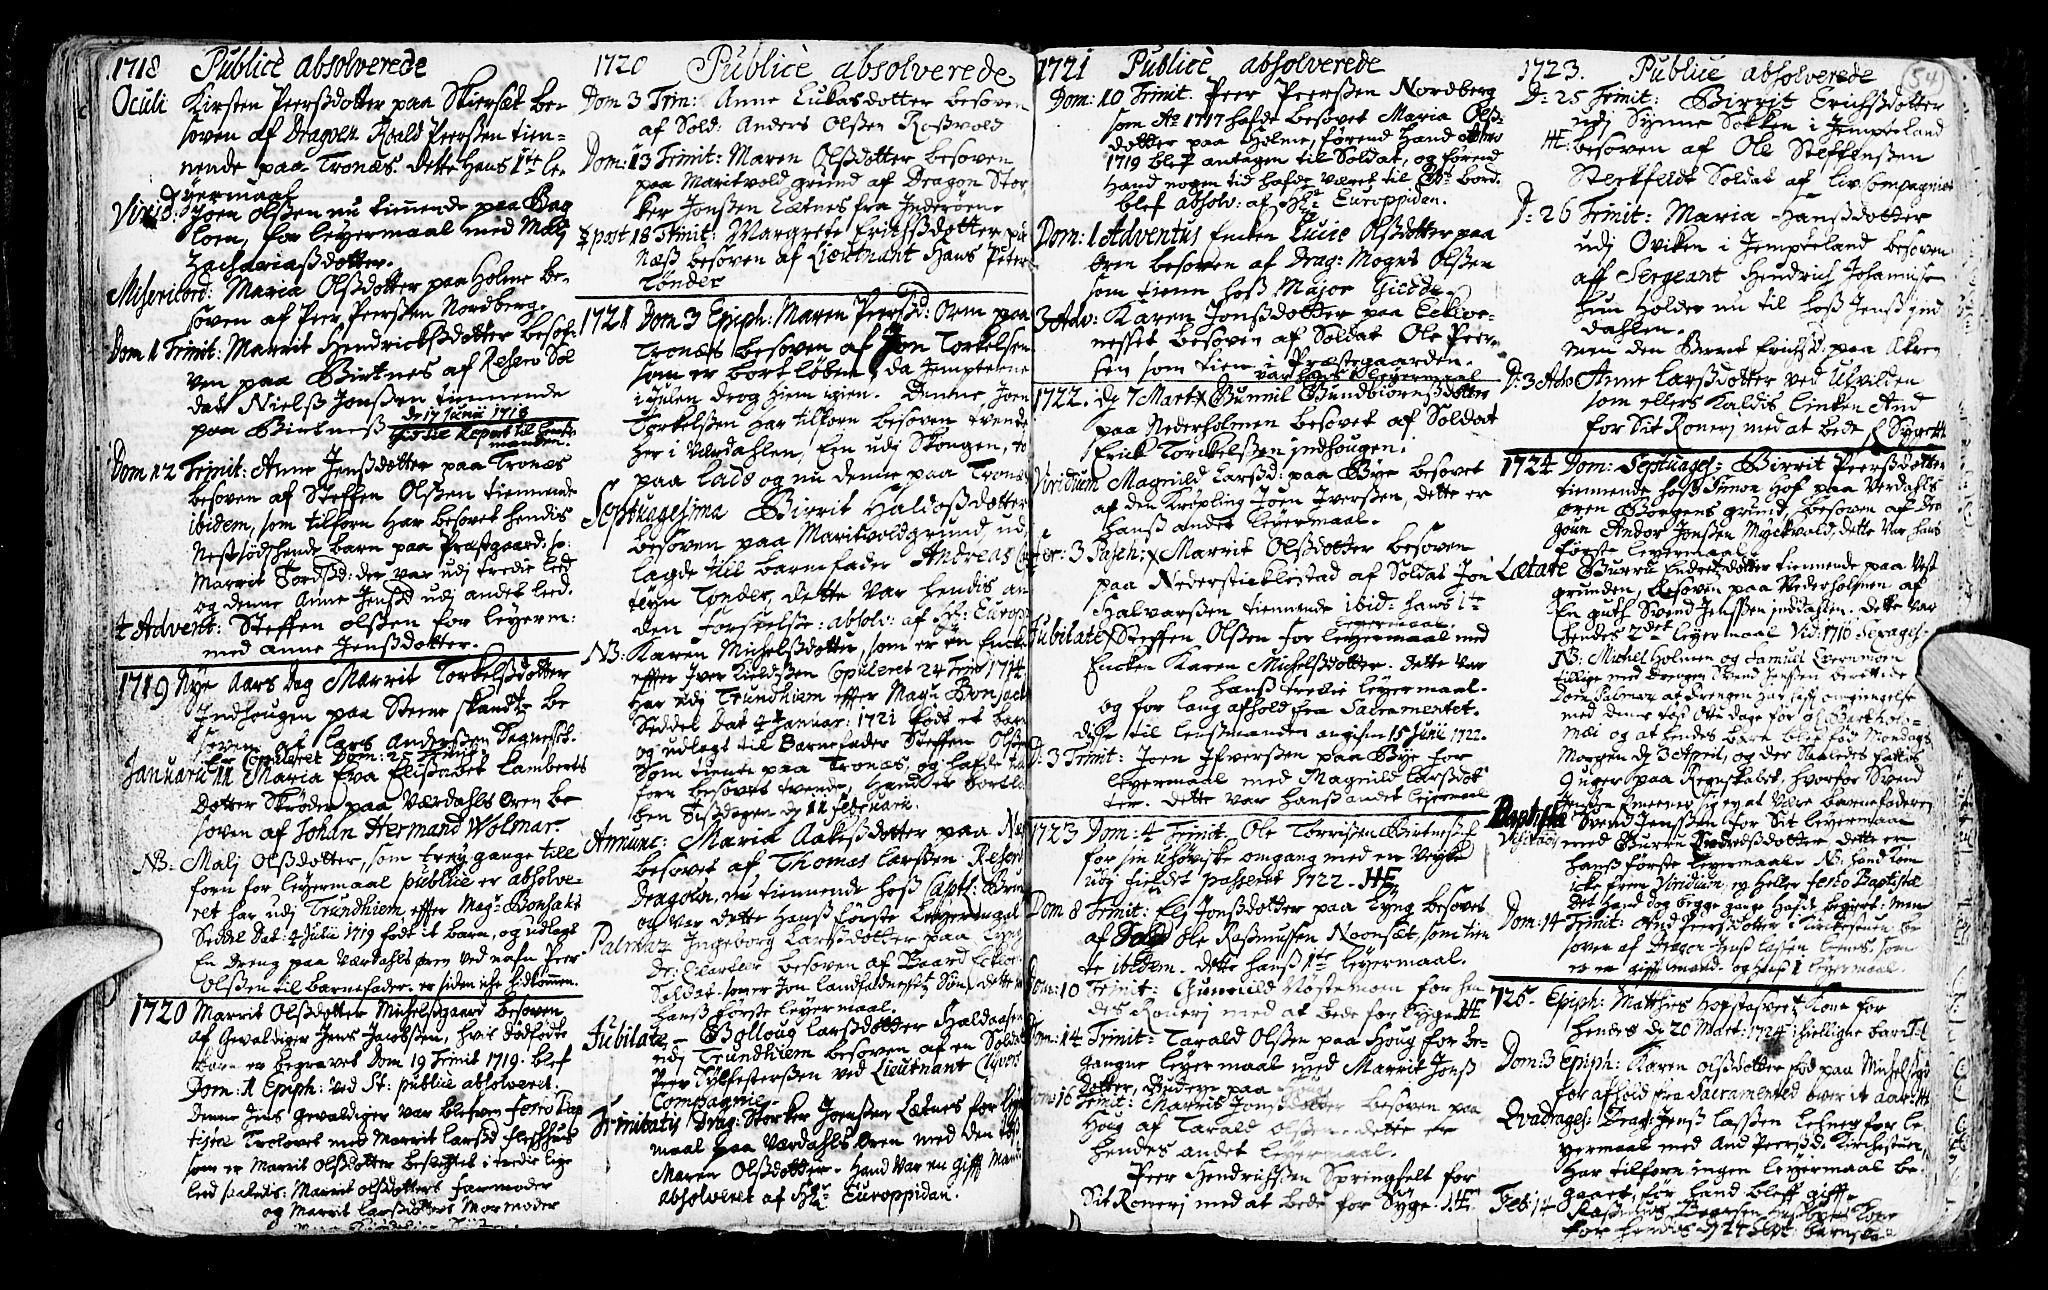 SAT, Ministerialprotokoller, klokkerbøker og fødselsregistre - Nord-Trøndelag, 723/L0230: Ministerialbok nr. 723A01, 1705-1747, s. 54